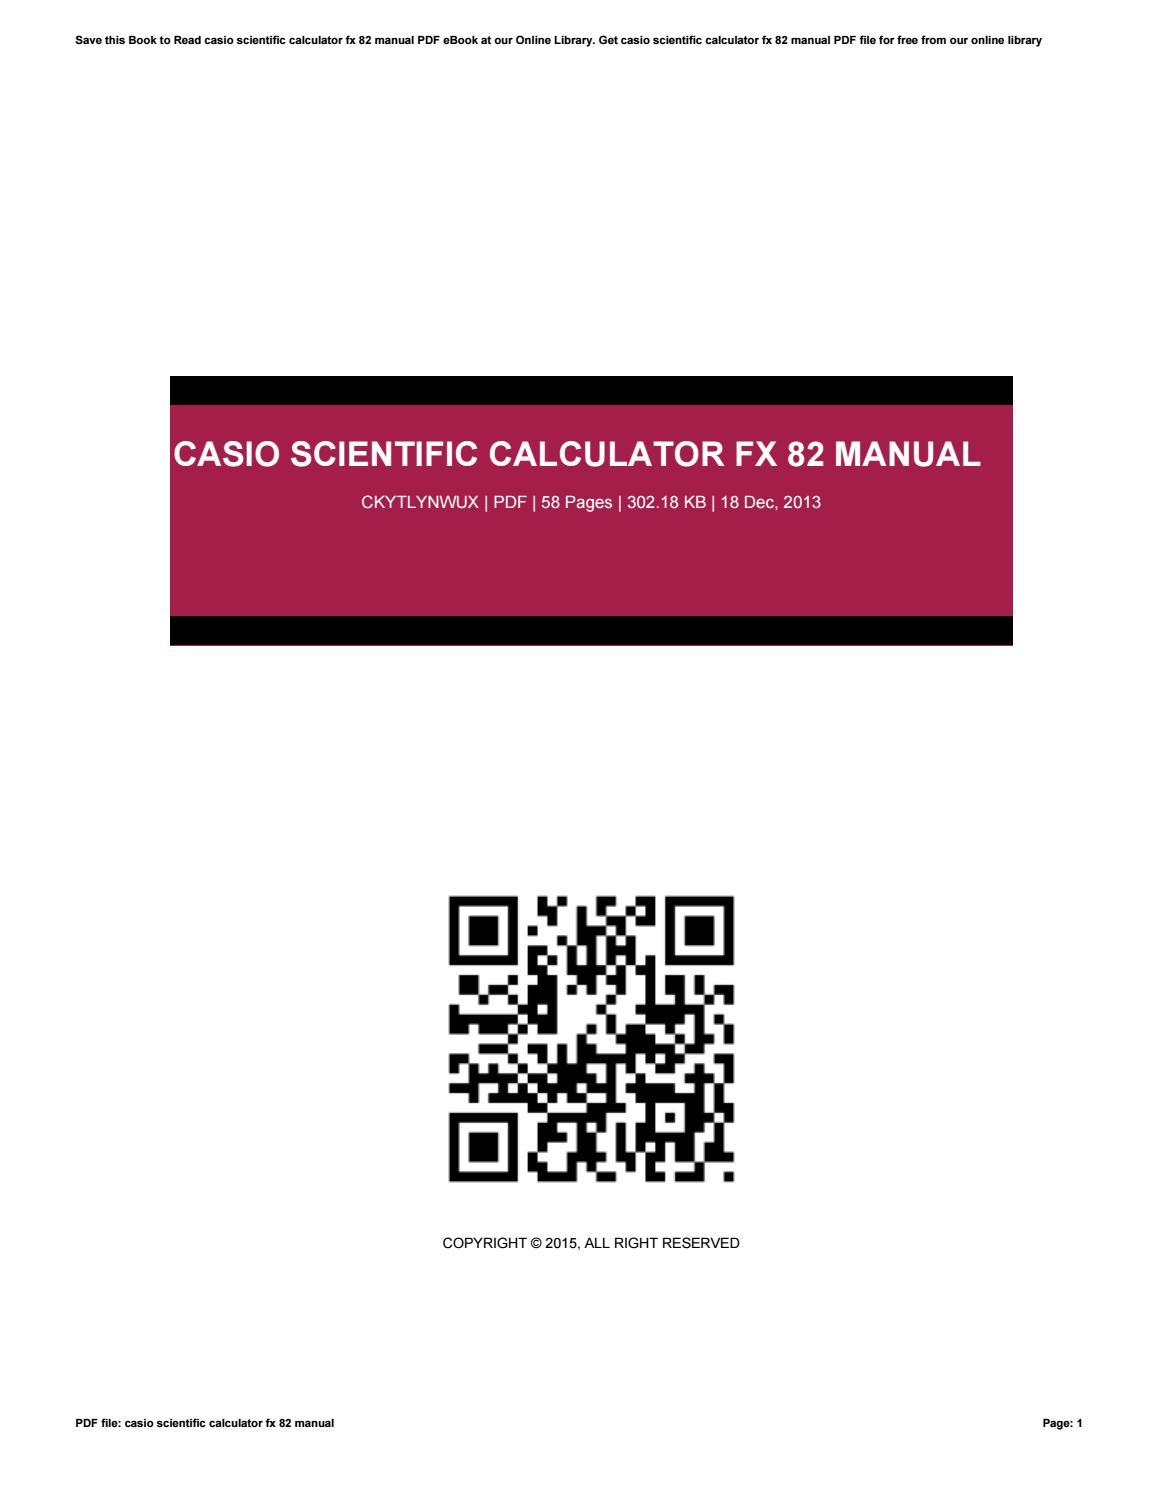 Casio scientific calculator fx 82 manual by JoanRuff2738 - issuu